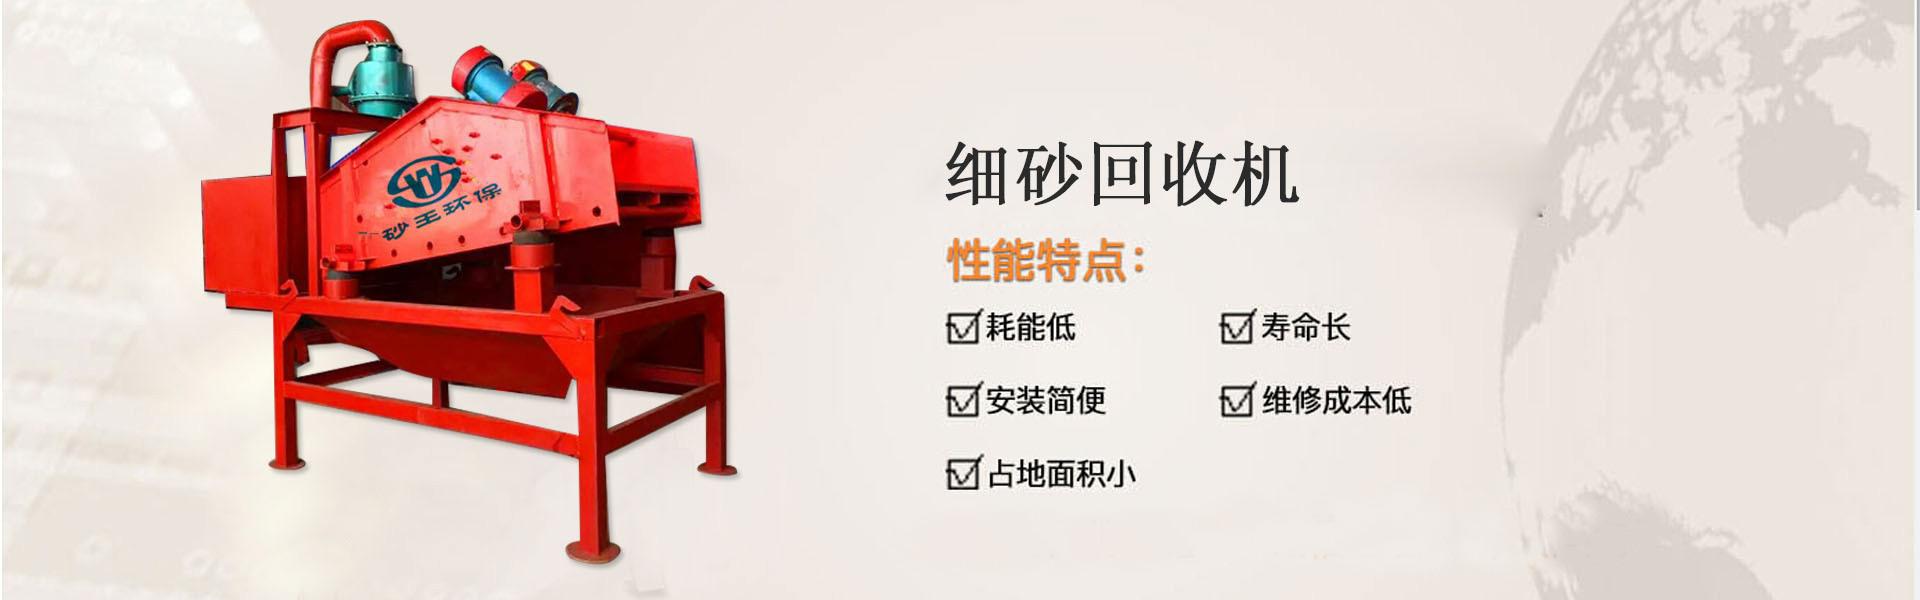 青州市砂王环保设备有限公司